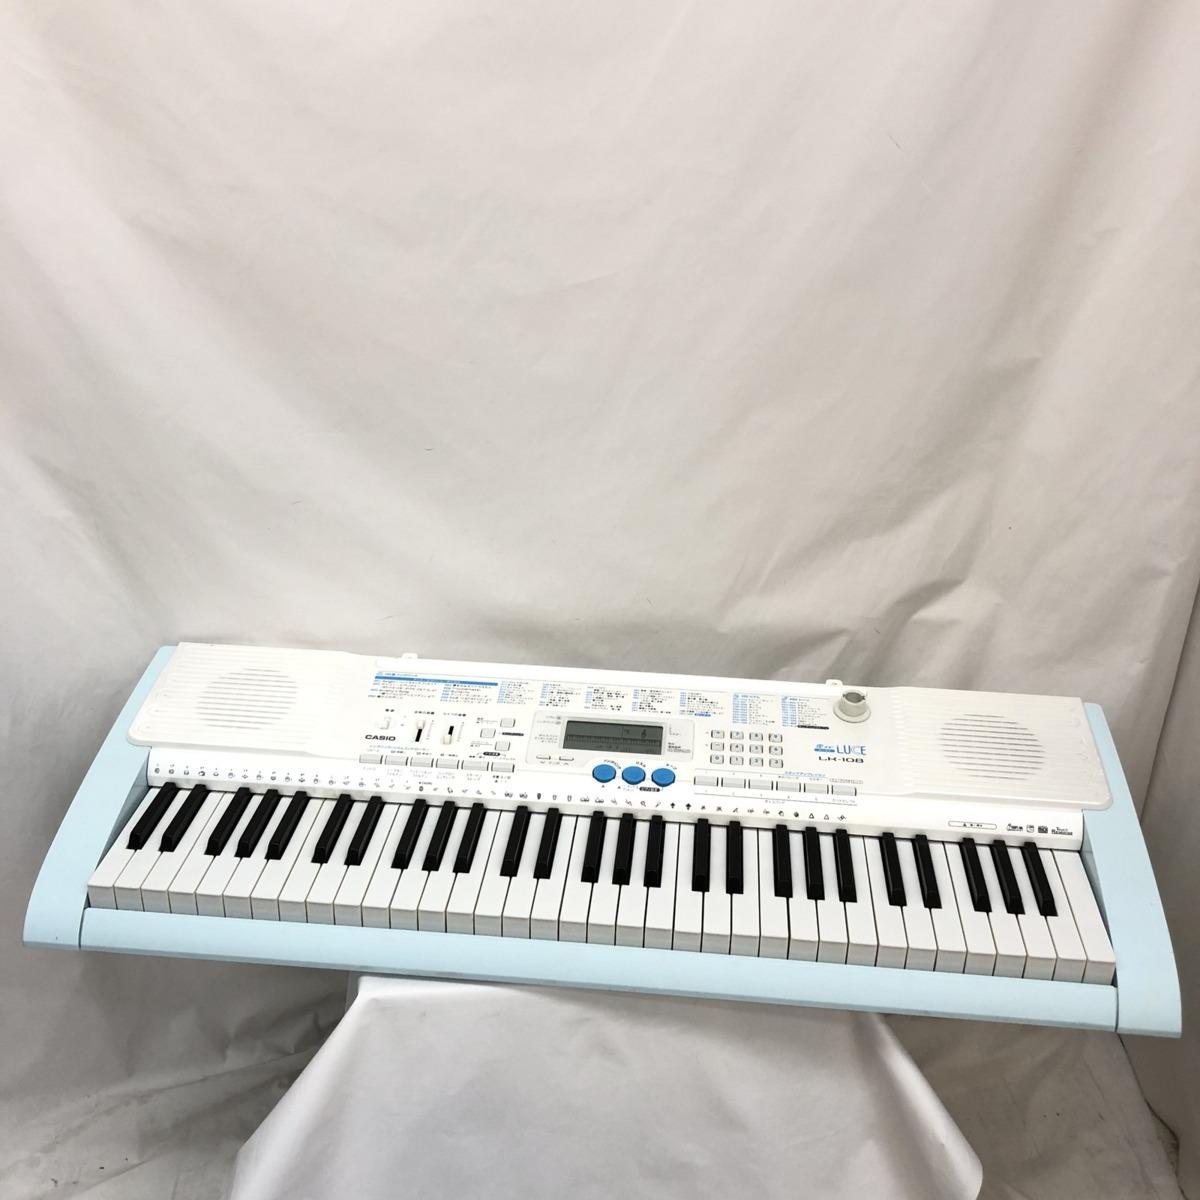 中古 CASIO カシオ 電子キーボード 光ナビゲーション LK-108 61鍵盤 ホワイト ライトブルー タッチレスポンス 電子ピアノ H15123_画像1